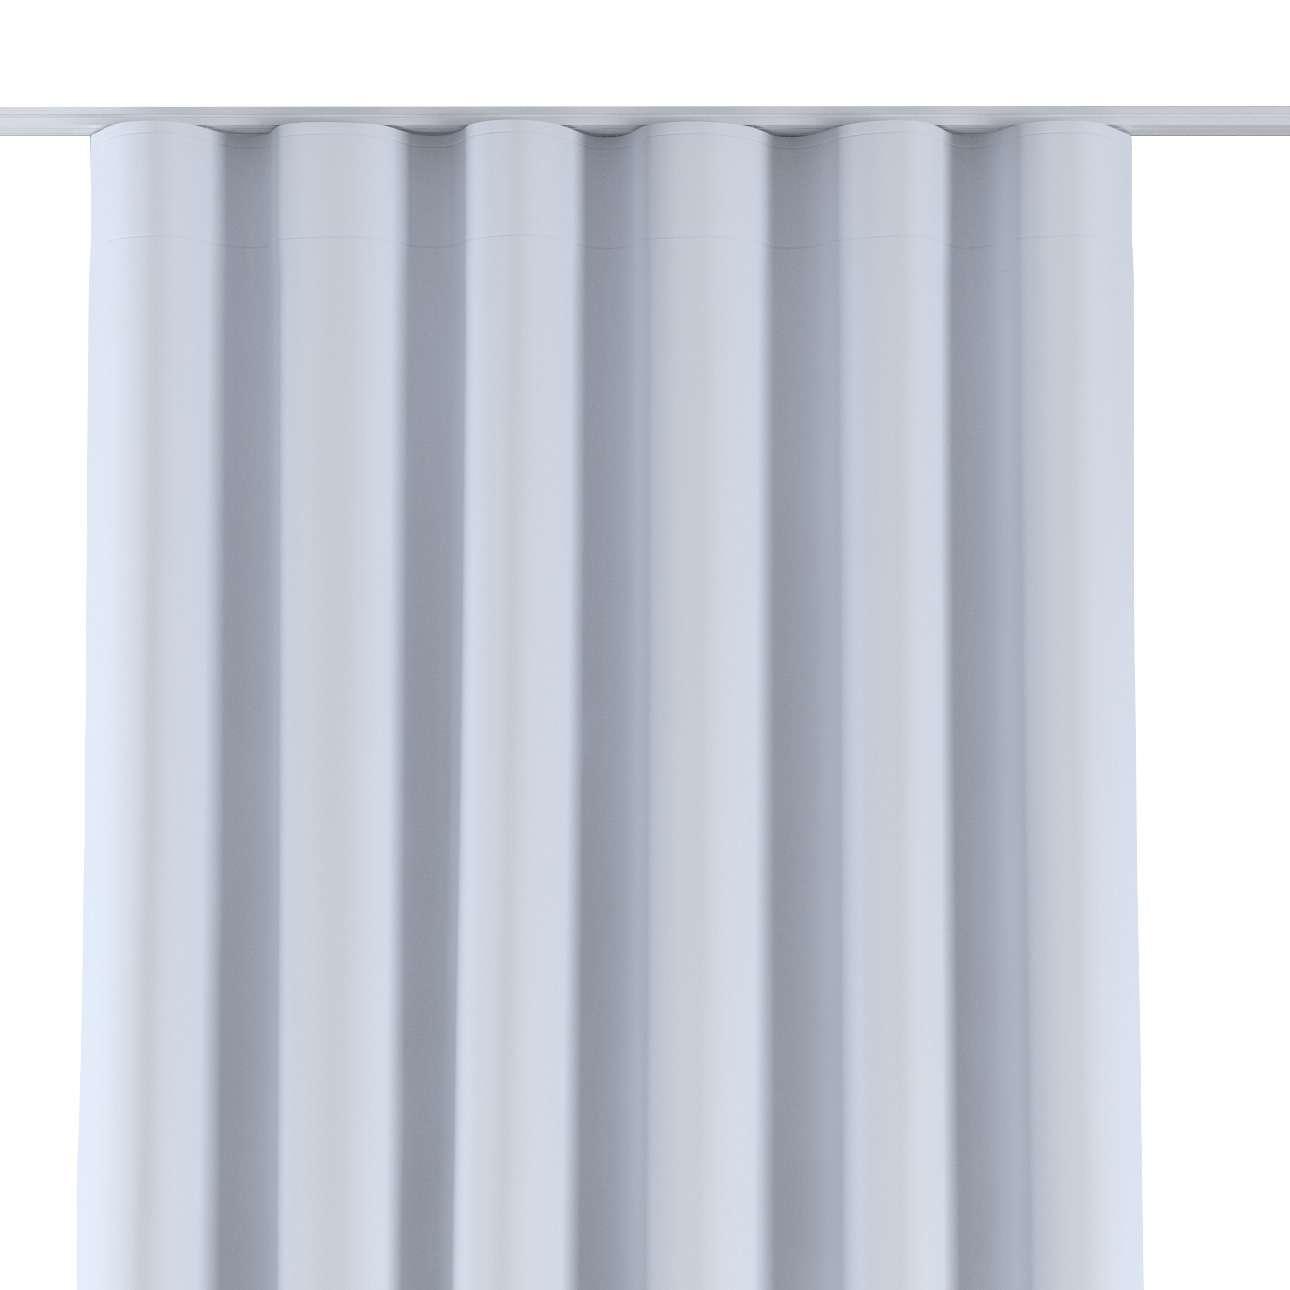 Dekoria Závěs na řasící pásce wave, šedo-bílá, 130x280cm, Blackout, 269-01